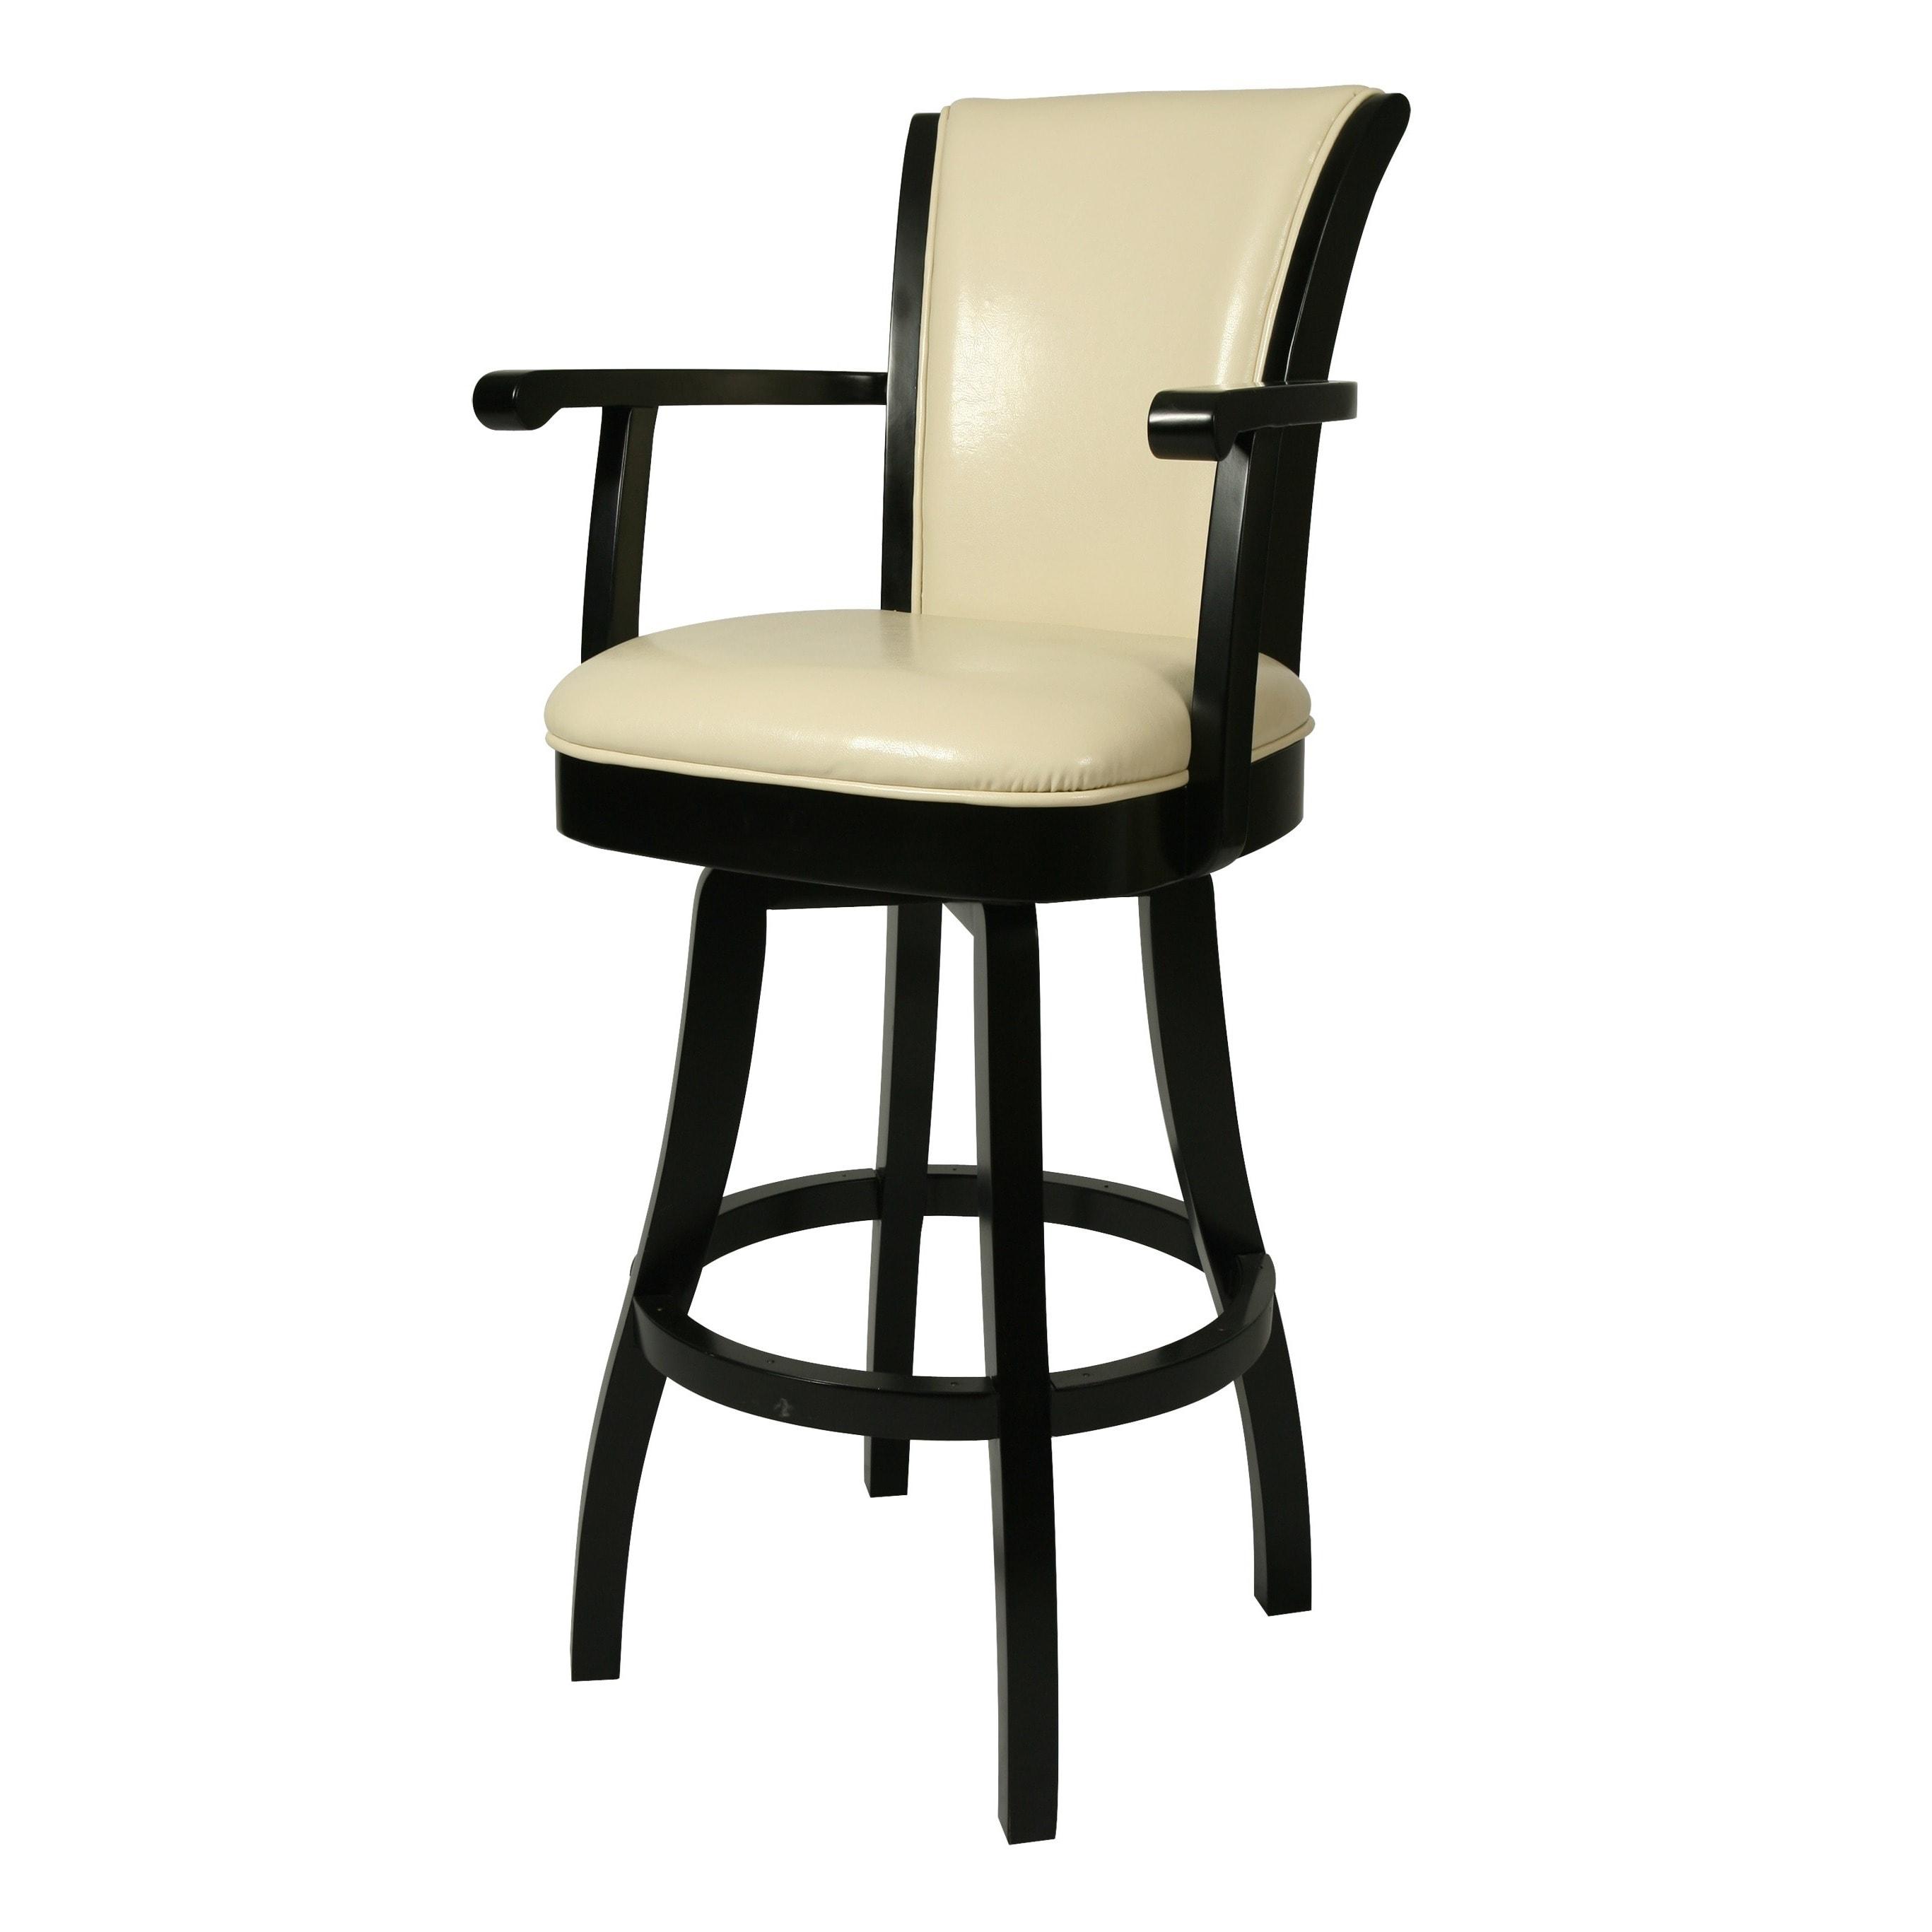 Admirable Glenwood 26 Inch Wood Cream Leather Swivel Bar Stool Frankydiablos Diy Chair Ideas Frankydiabloscom